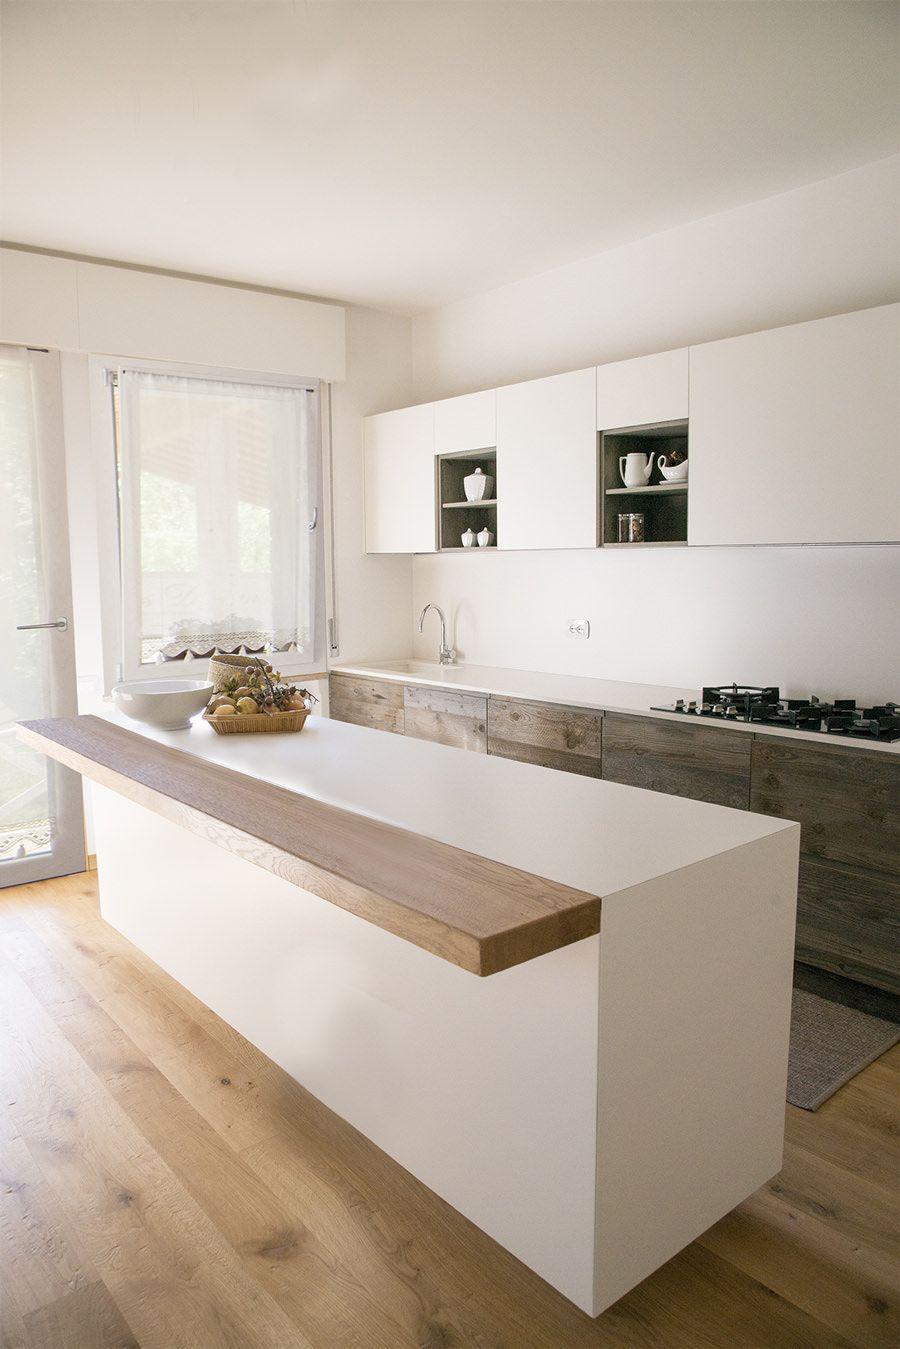 100 idee cucine con isola moderne e funzionali | Diseño y decoracion ...